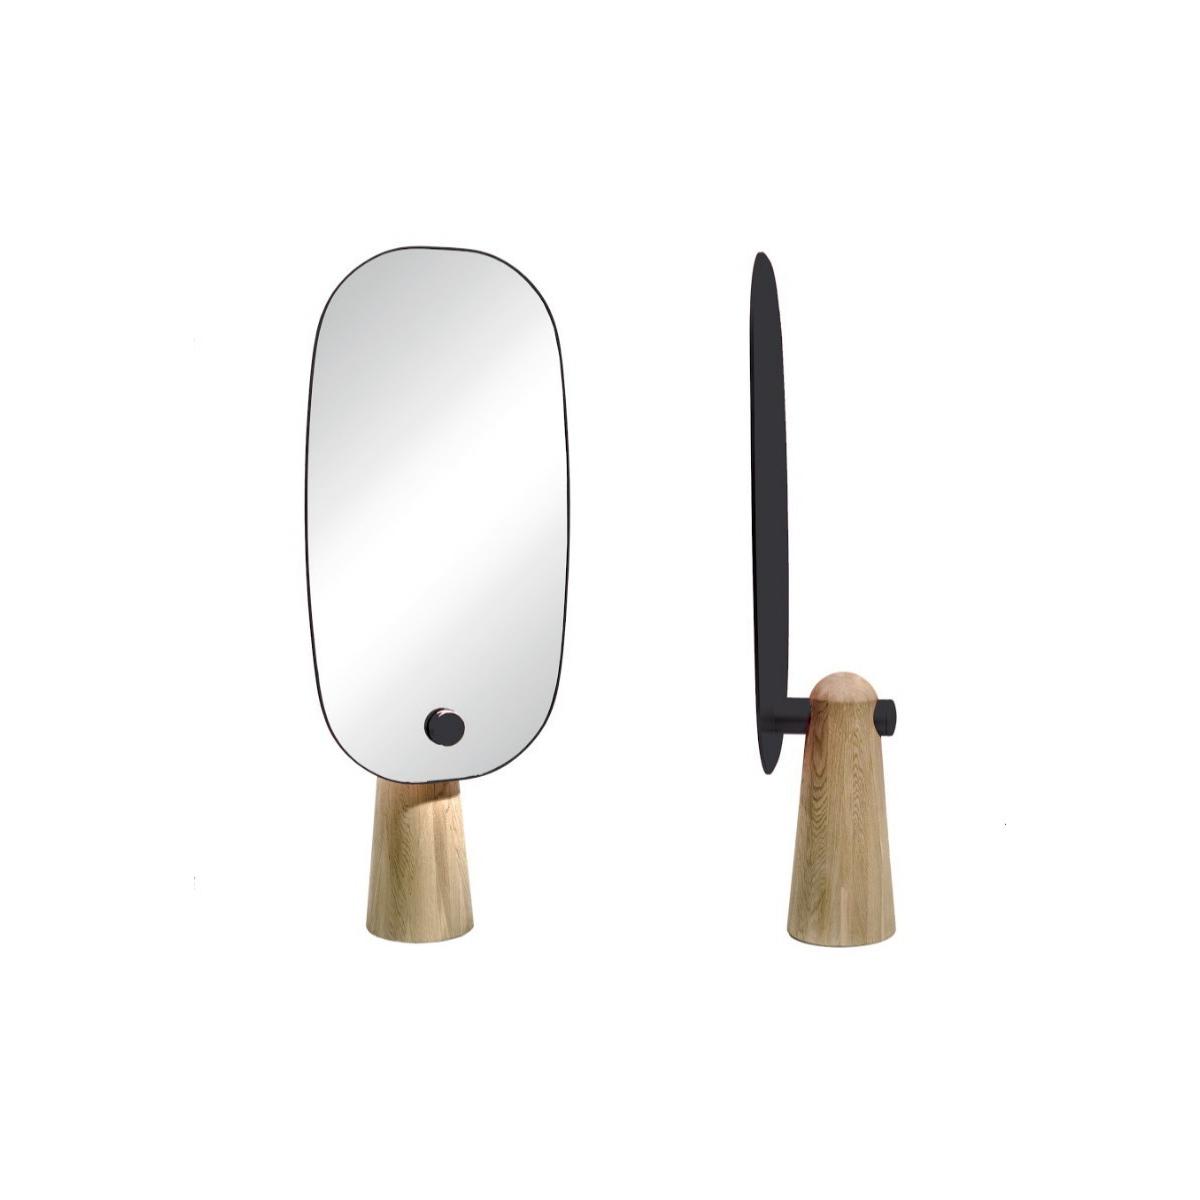 Accessoire - miroir. Fabrication française.